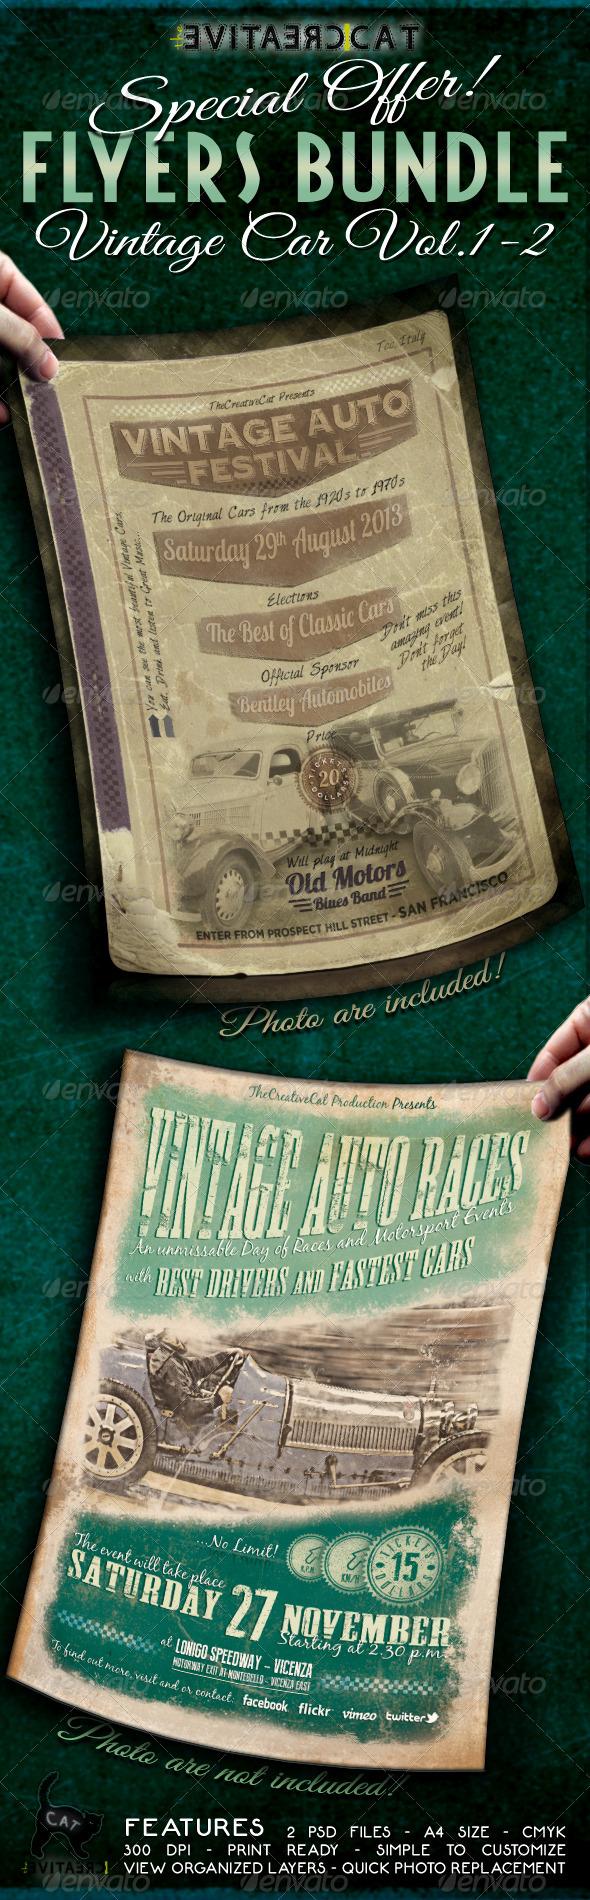 GraphicRiver Vintage Car Flyer Poster Bundle Vol 1-2 5186854